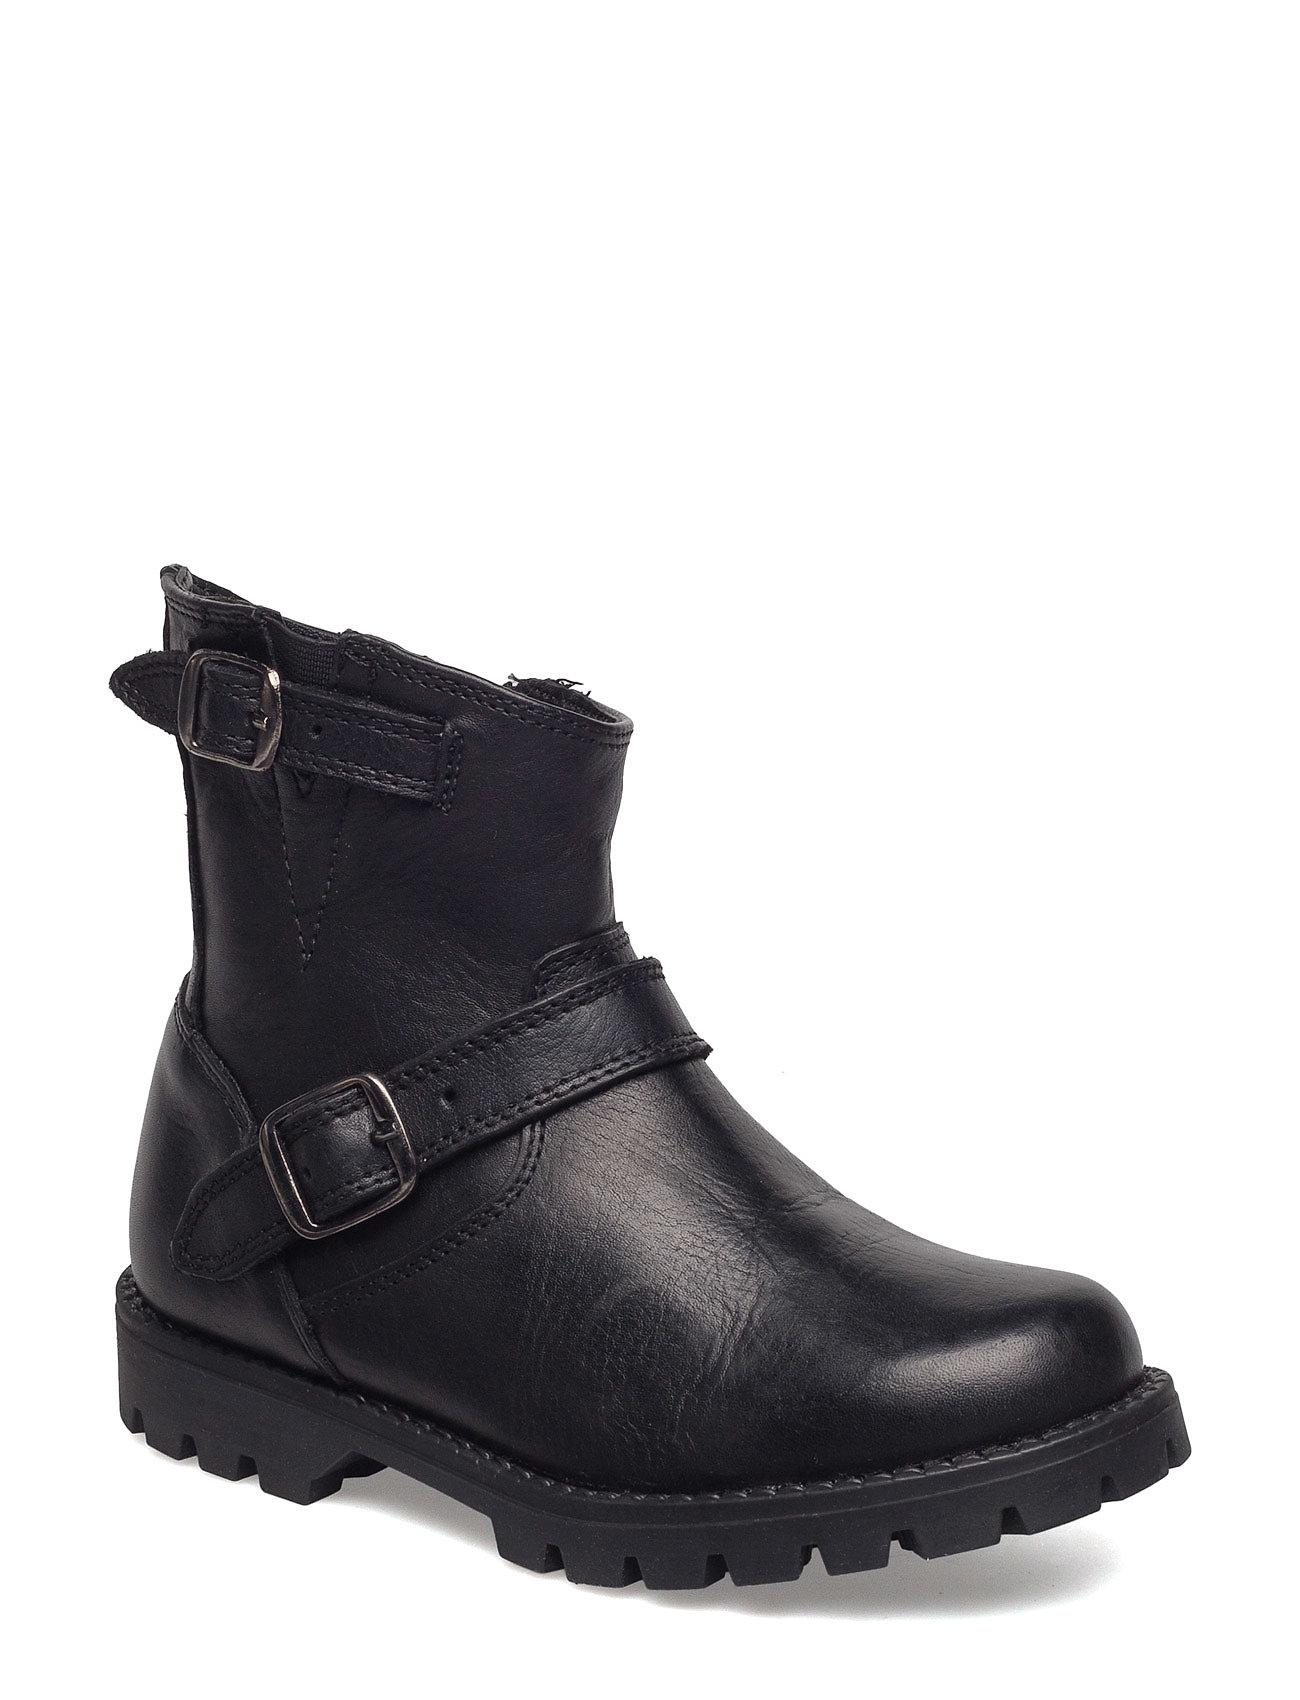 Boots Gulliver Støvler til Børn i Sort